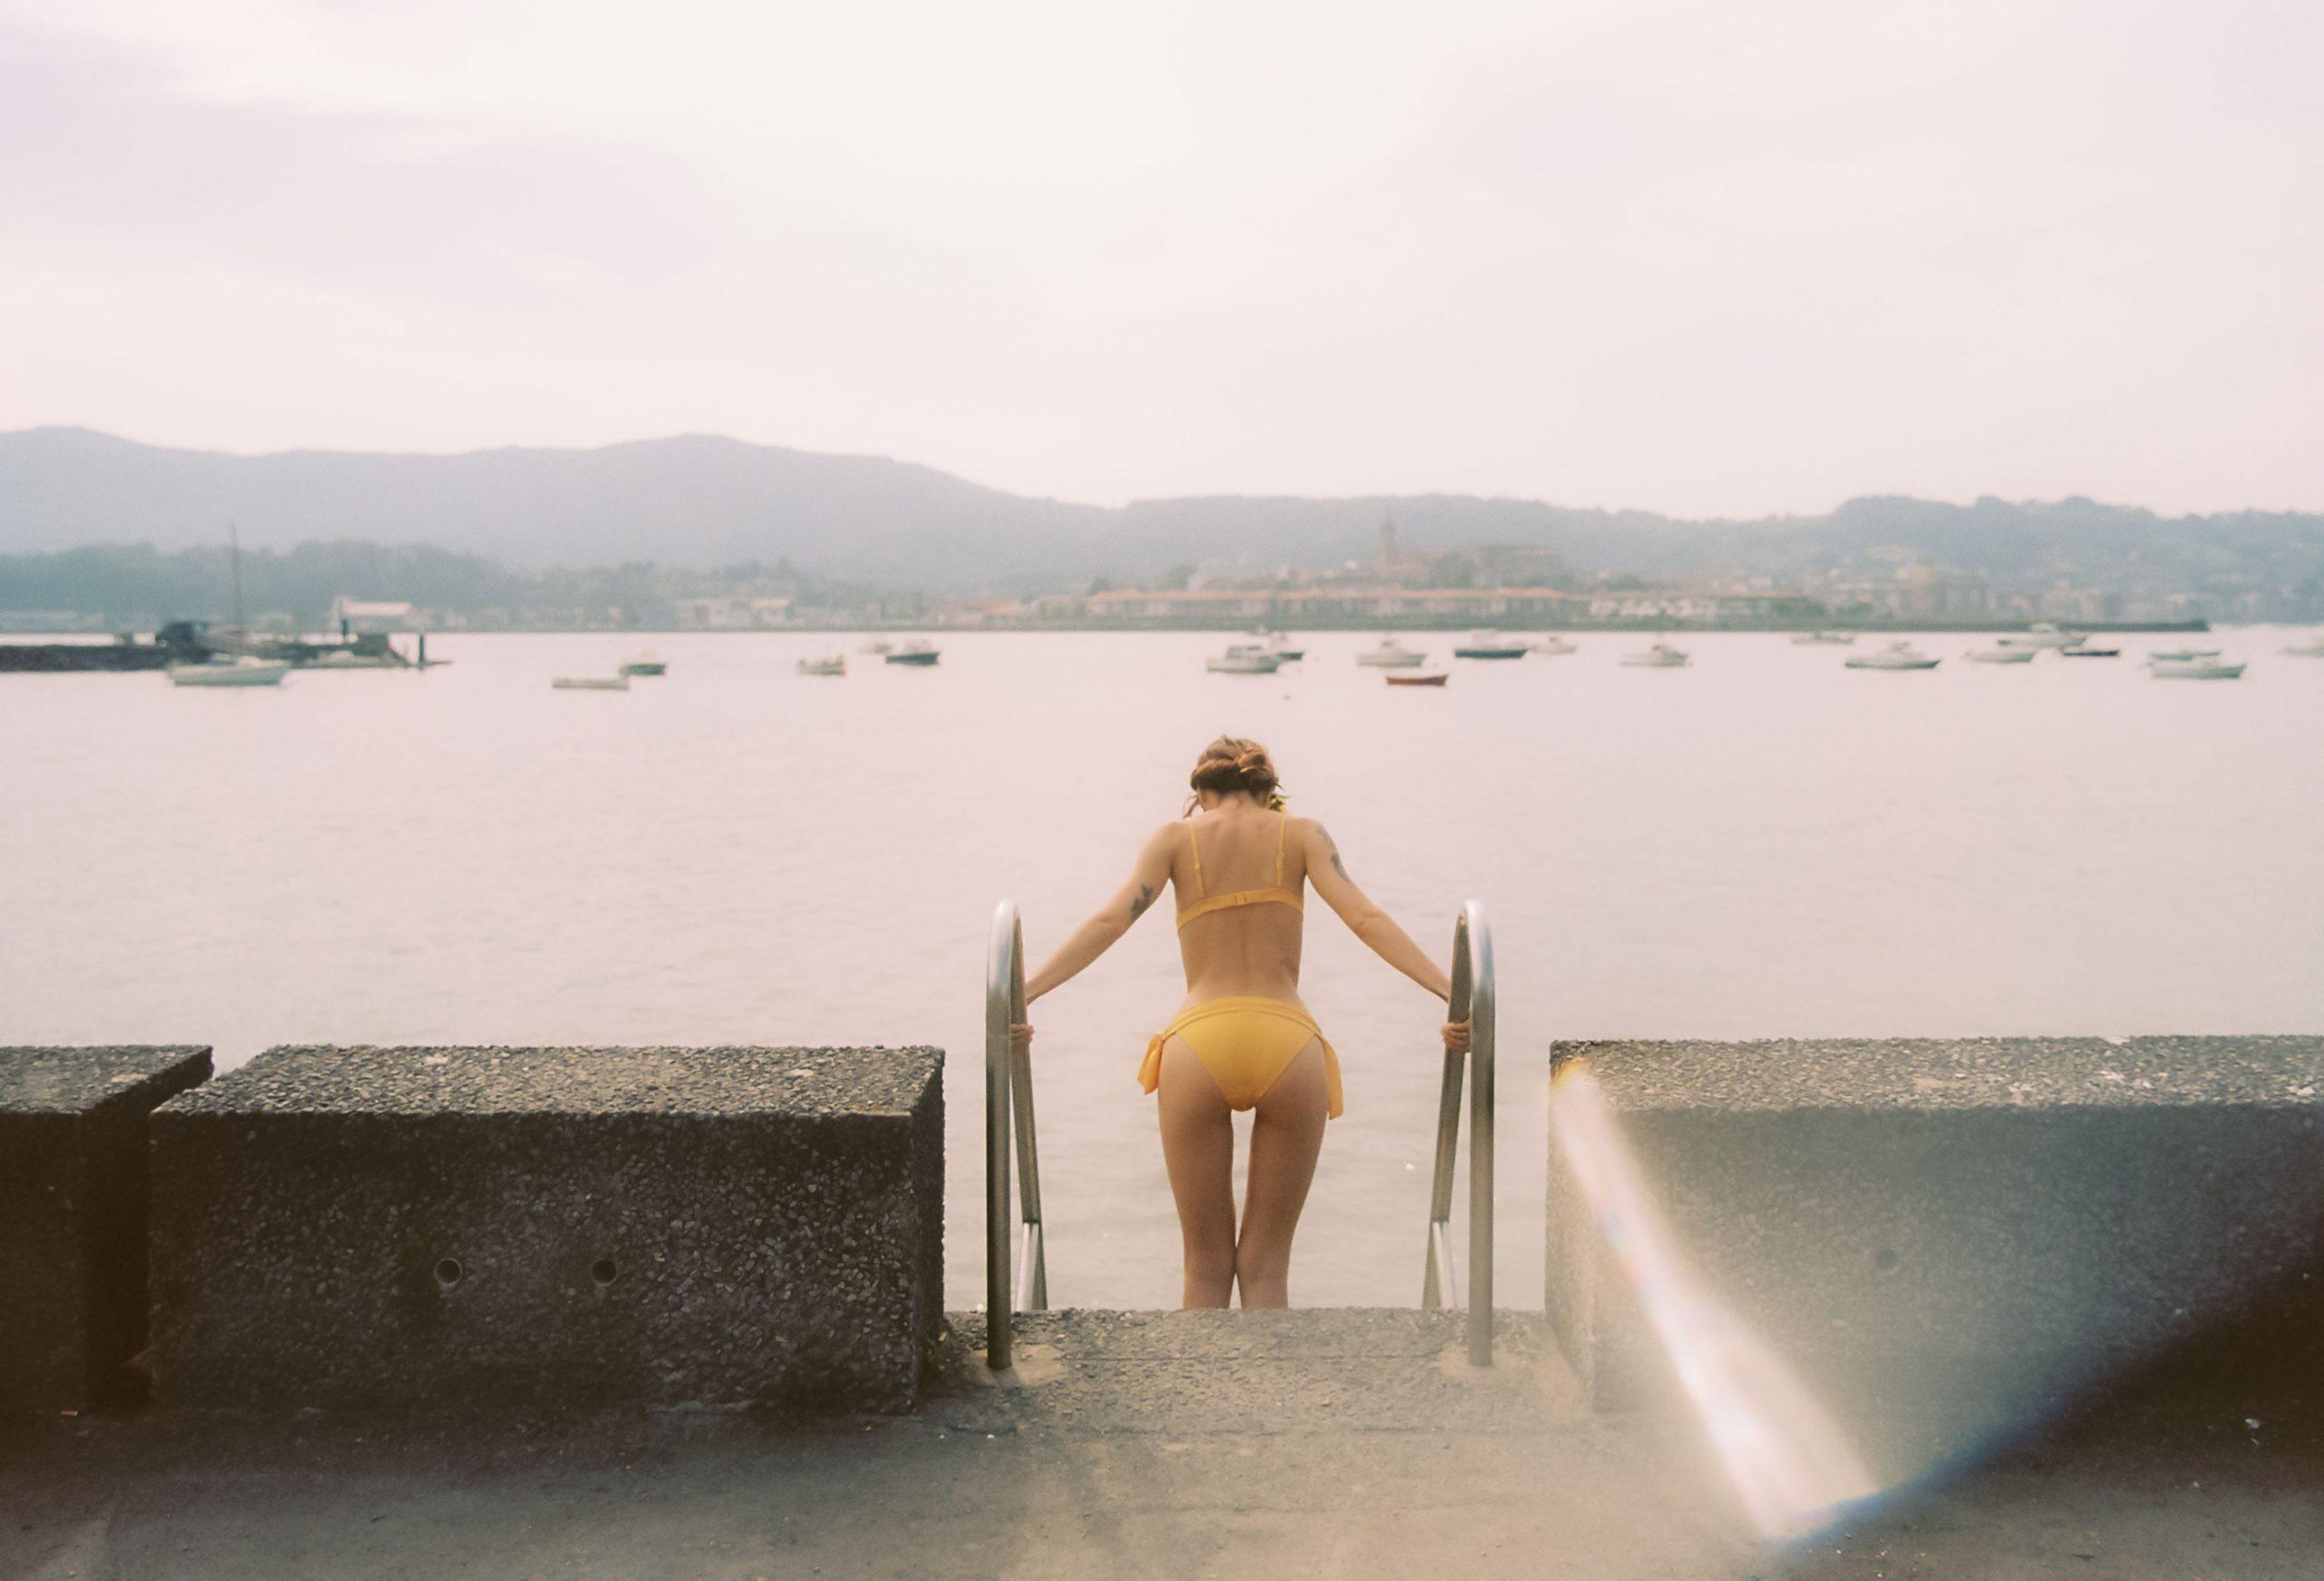 bikinis-2021-goiuri-bikini-denda-donostia